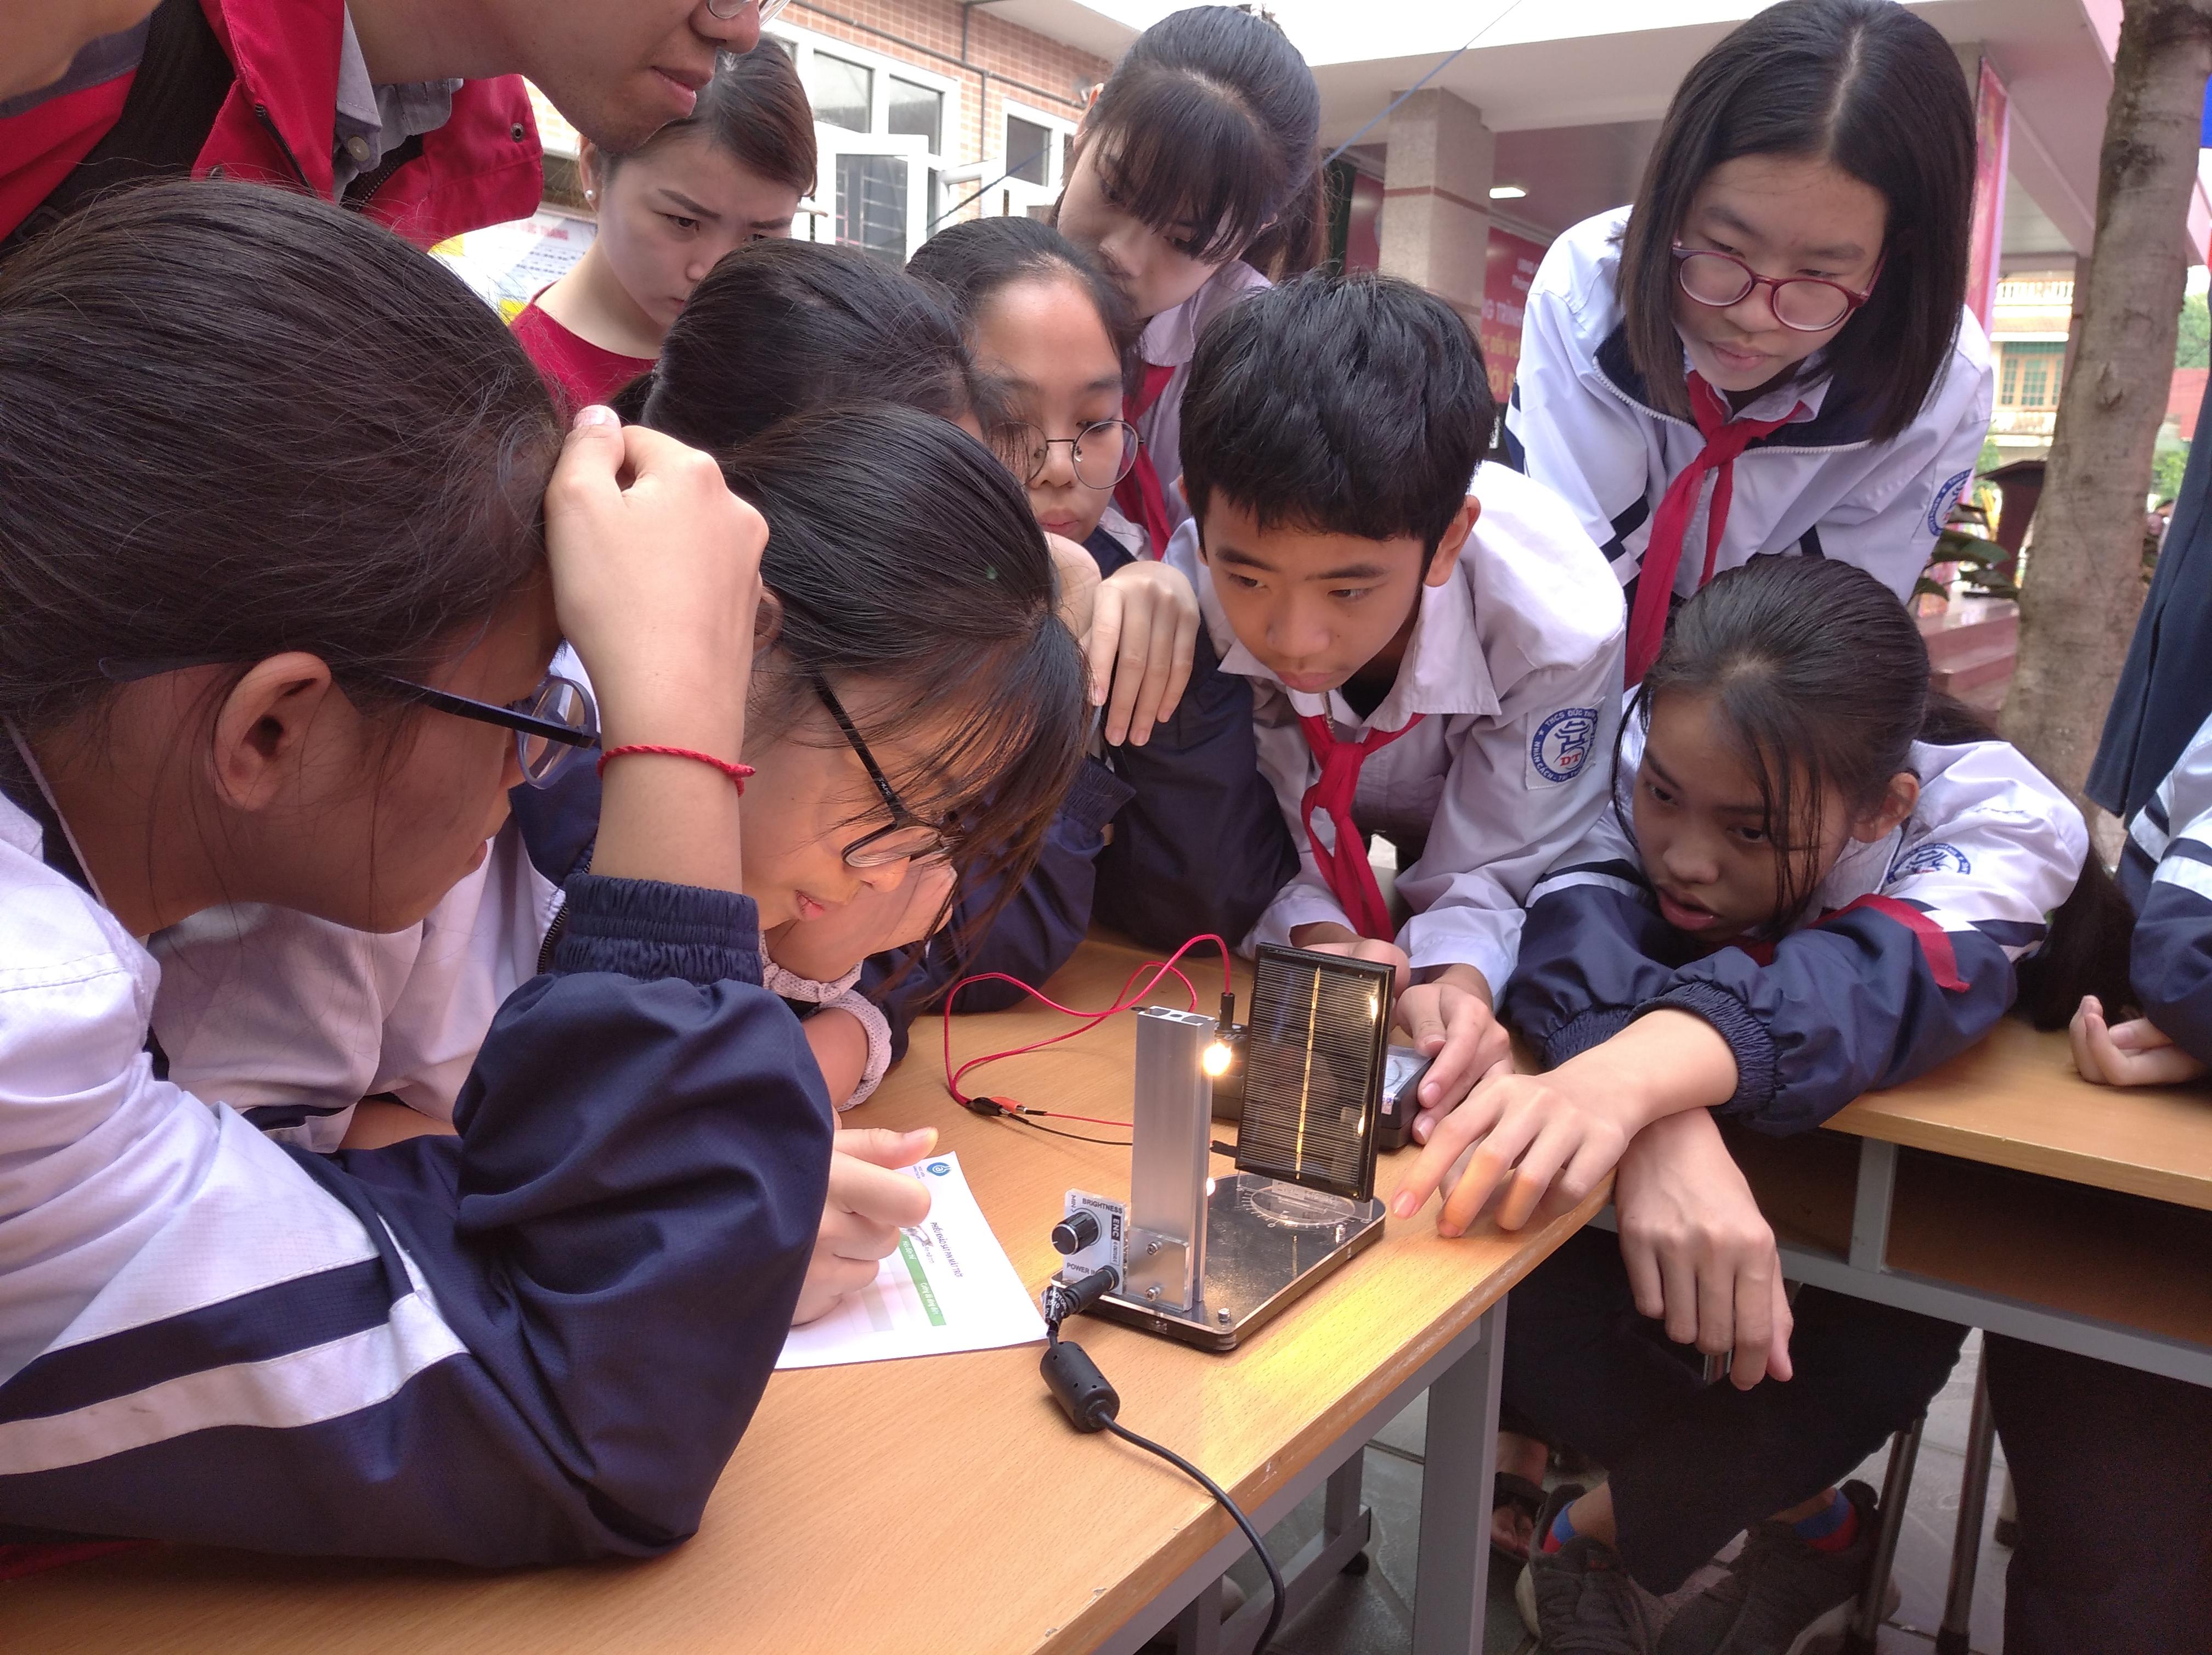 """Tại trạm """"Năng lượng"""", cô giáo trao đổi về cách khai thác các nguồn năng lượng hiện nay và hướng dẫn học sinh sử dụng máy đo điện năng của tấm pin mặt trời khi có ánh sáng chiếu vào ở các góc 0, 30, 60, 90 độ. Các bạn đã khám phá rằng dàn năng lượng mặt trời đạt công suất tối đa khi đặt vuông góc với ánh sáng."""